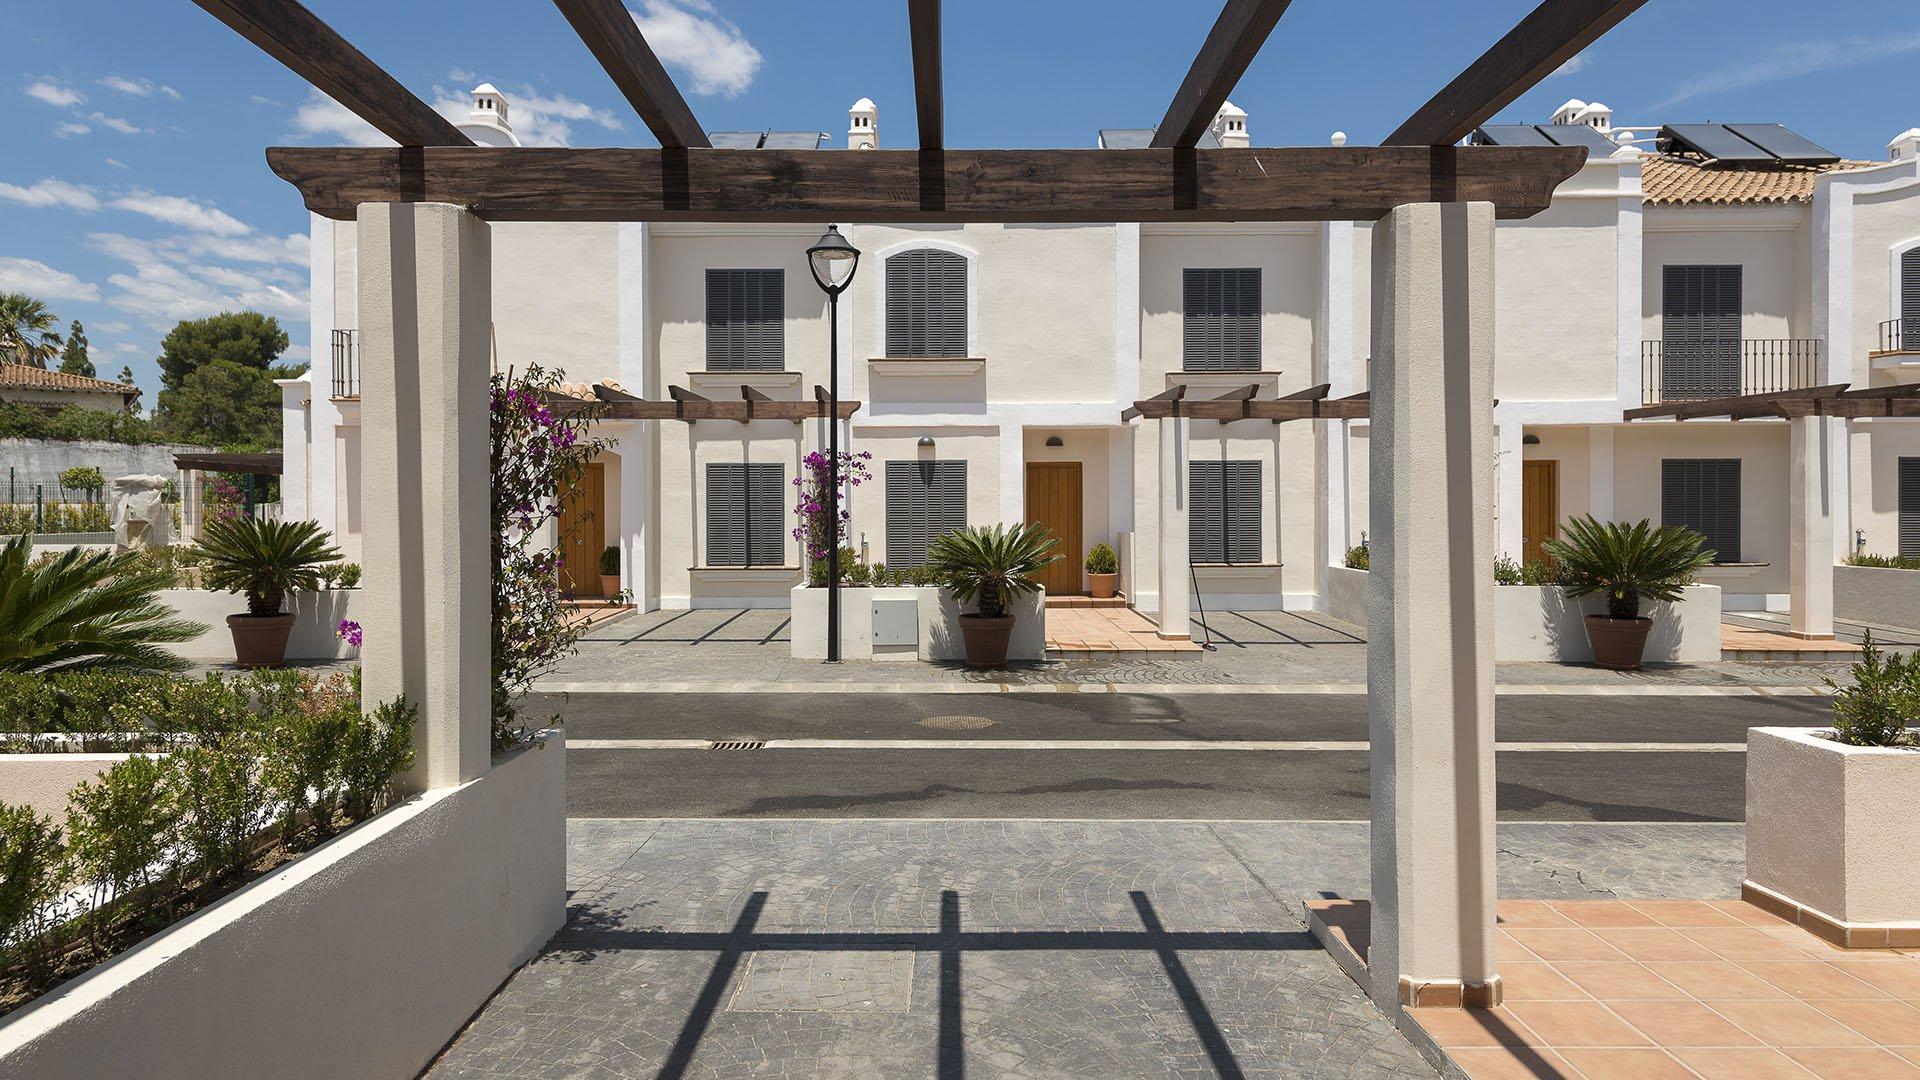 Oasis de Guadalmina Baja: Afgewerkte villa in San Pedro naast het glamoureuze Puerto Banus